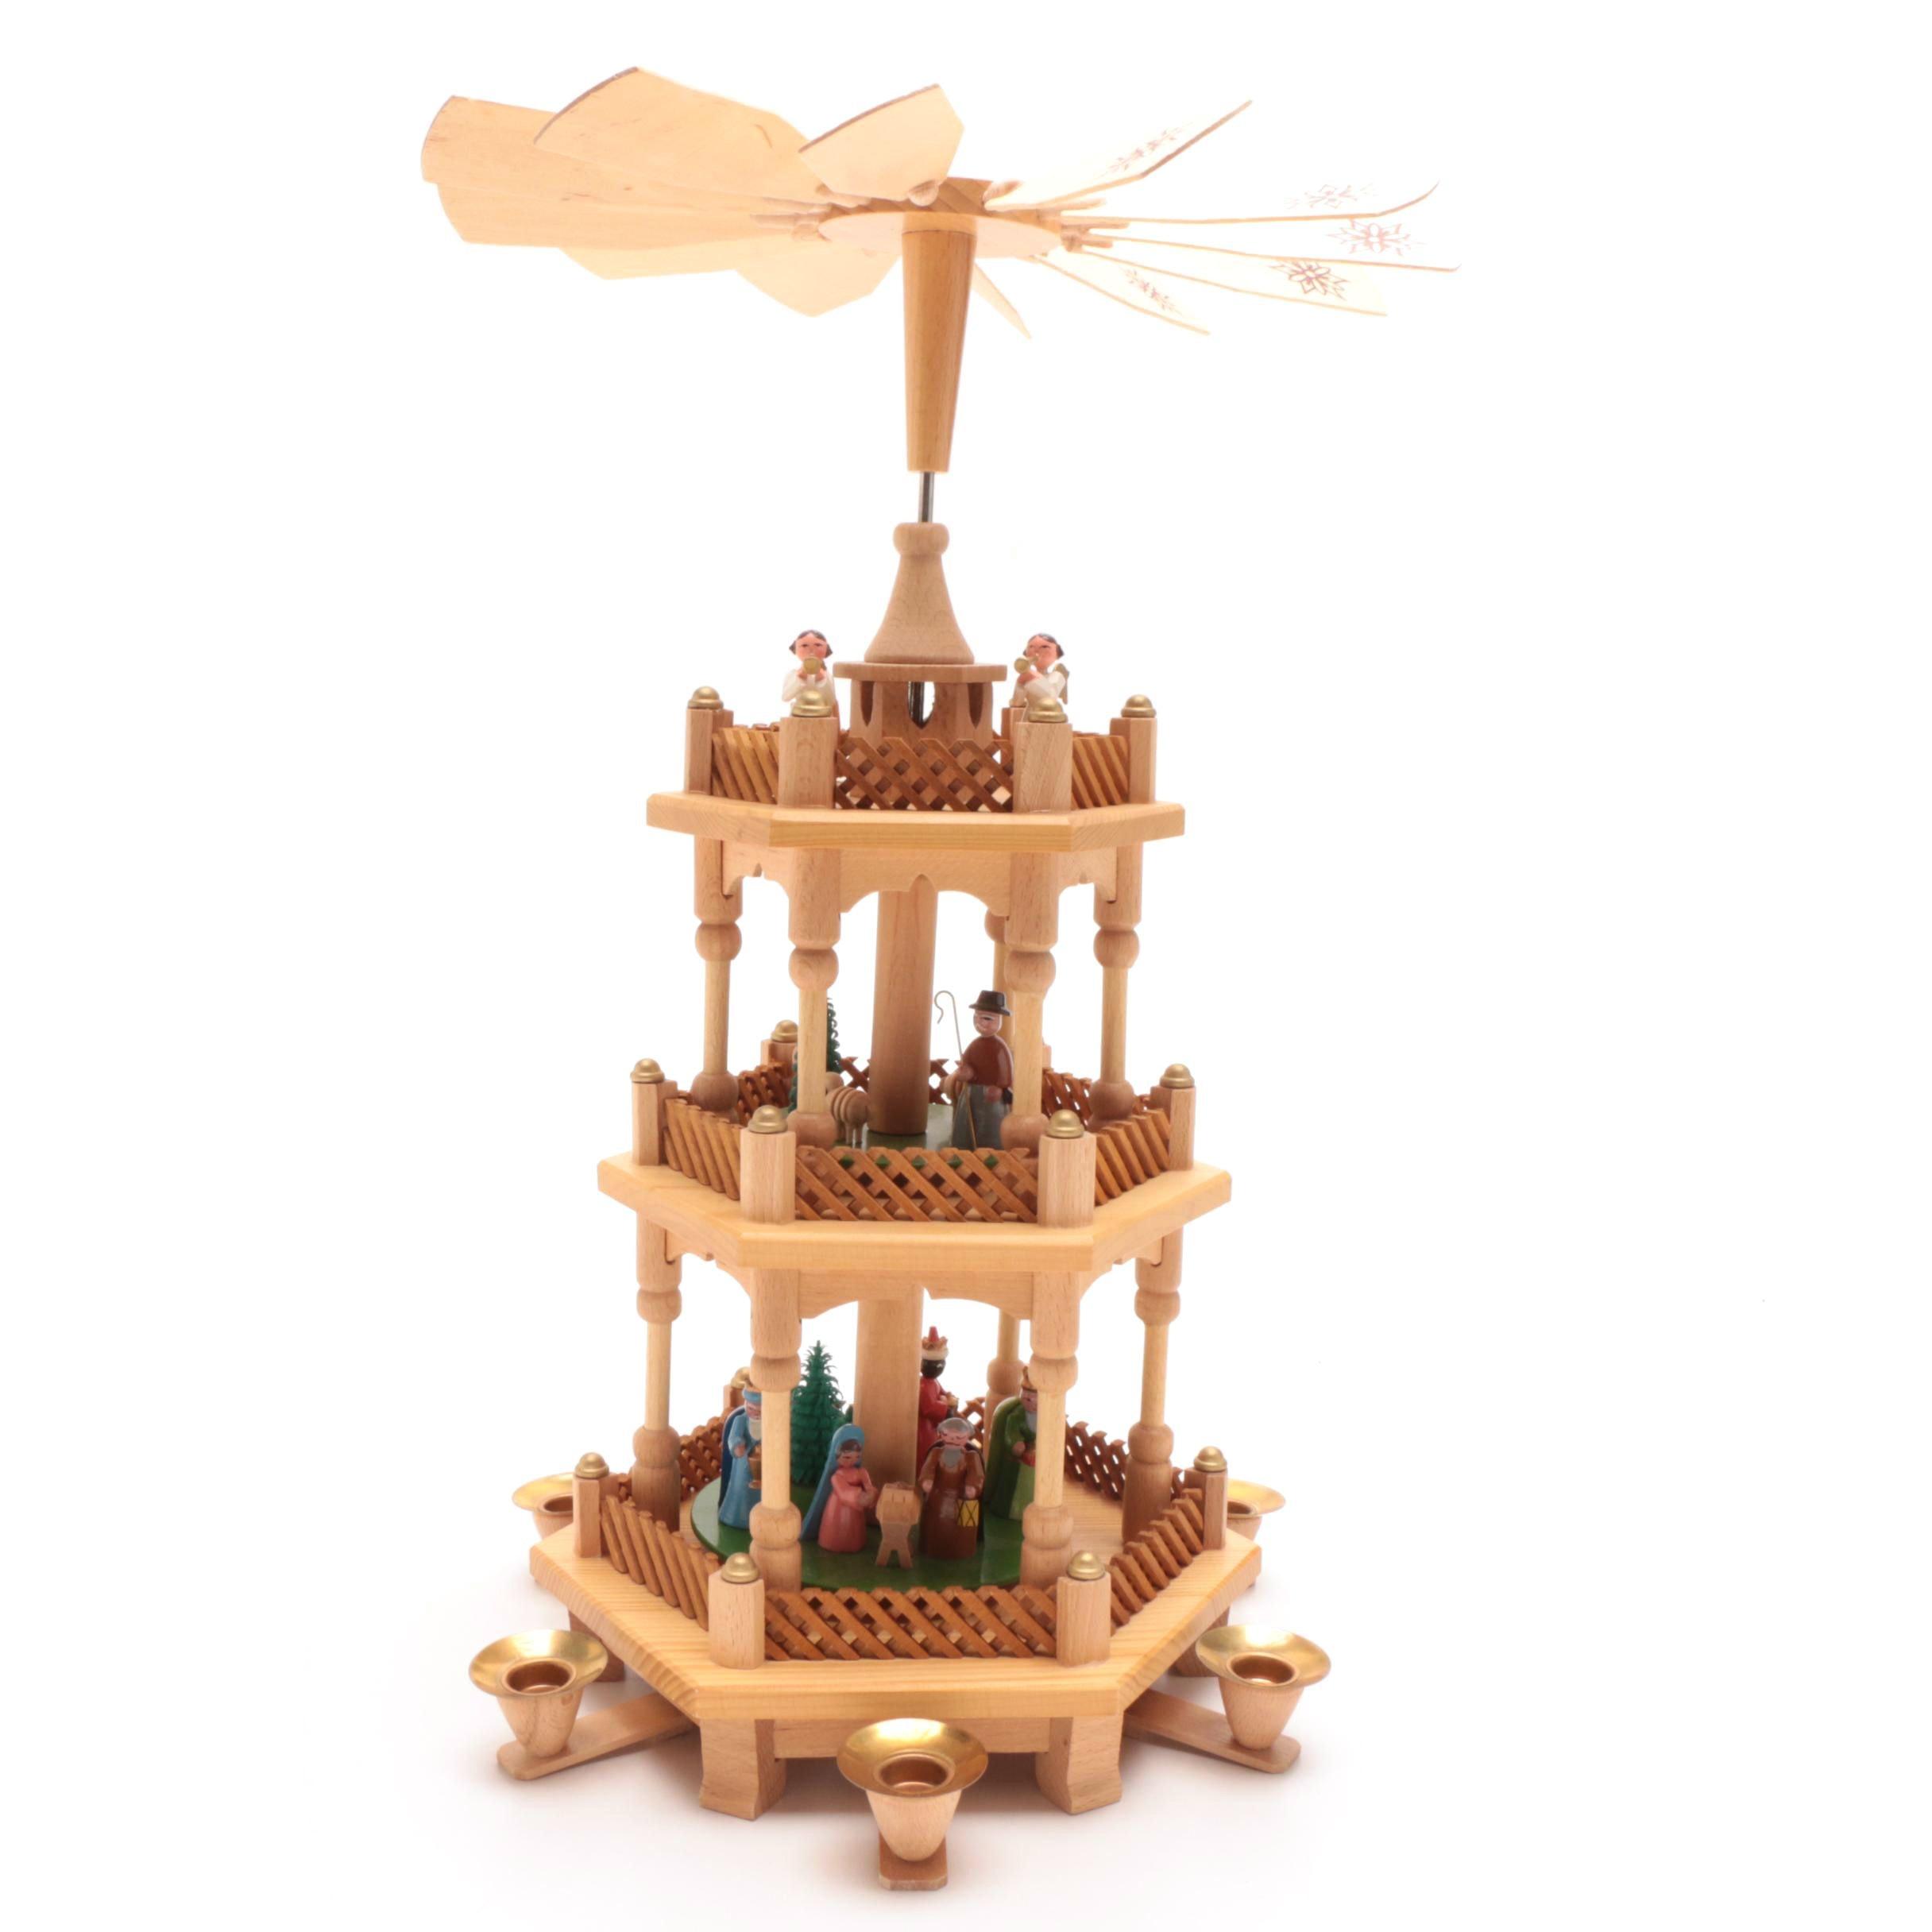 Erzgebirgische & Volkskunst Articulated Wooden Christmas Pyramid